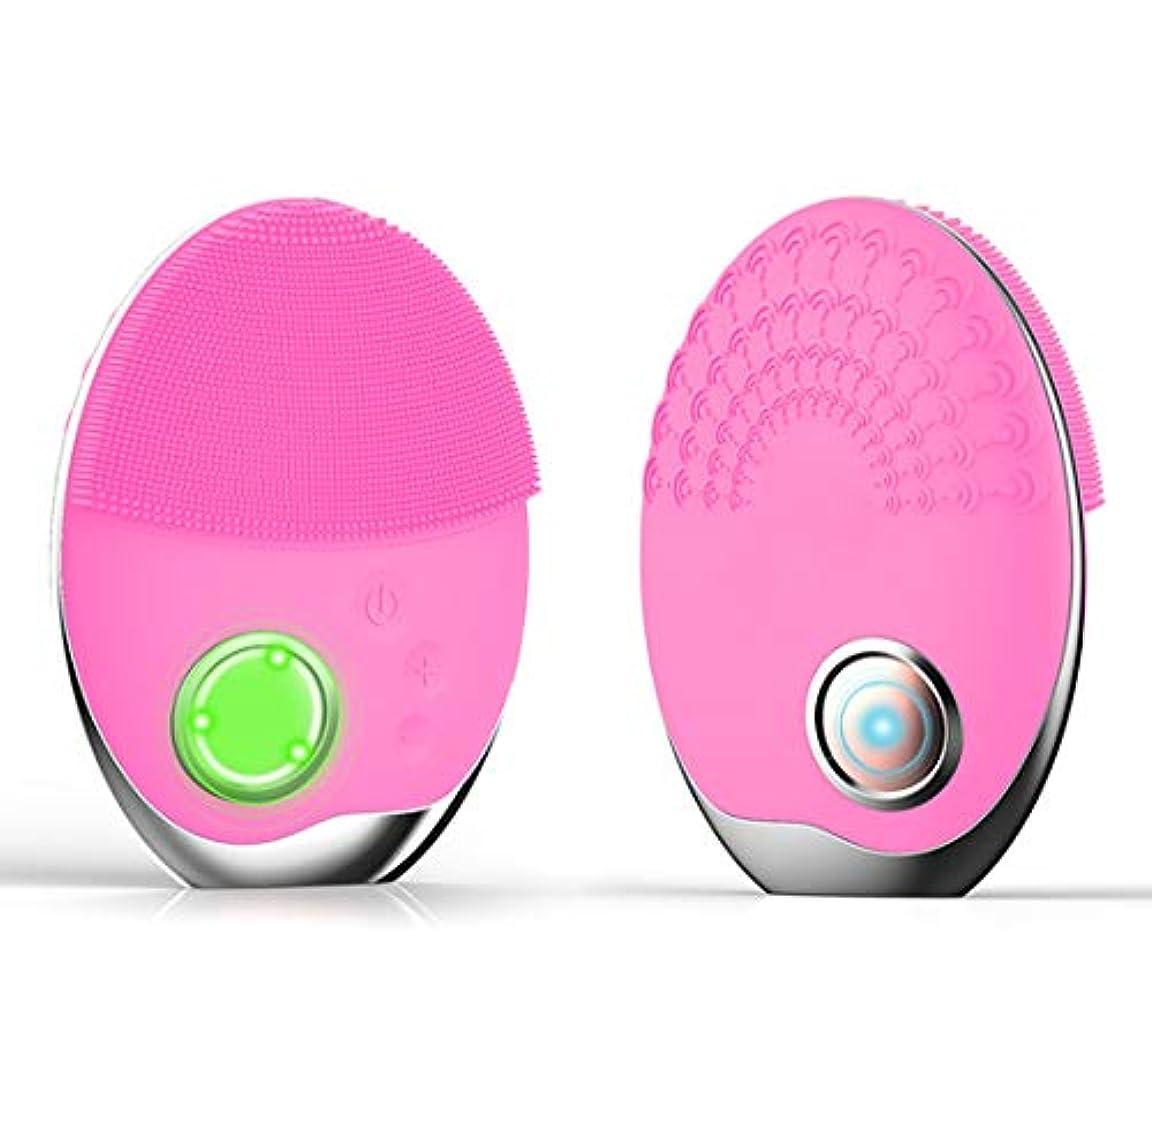 増強説明的理容室洗顔ブラシ フェイスブラシ 電動 音波洗顔 食品級シリコン洗顔器 IPX7防水 黒ずみ 汚れ落とし 美肌ライト ピンク